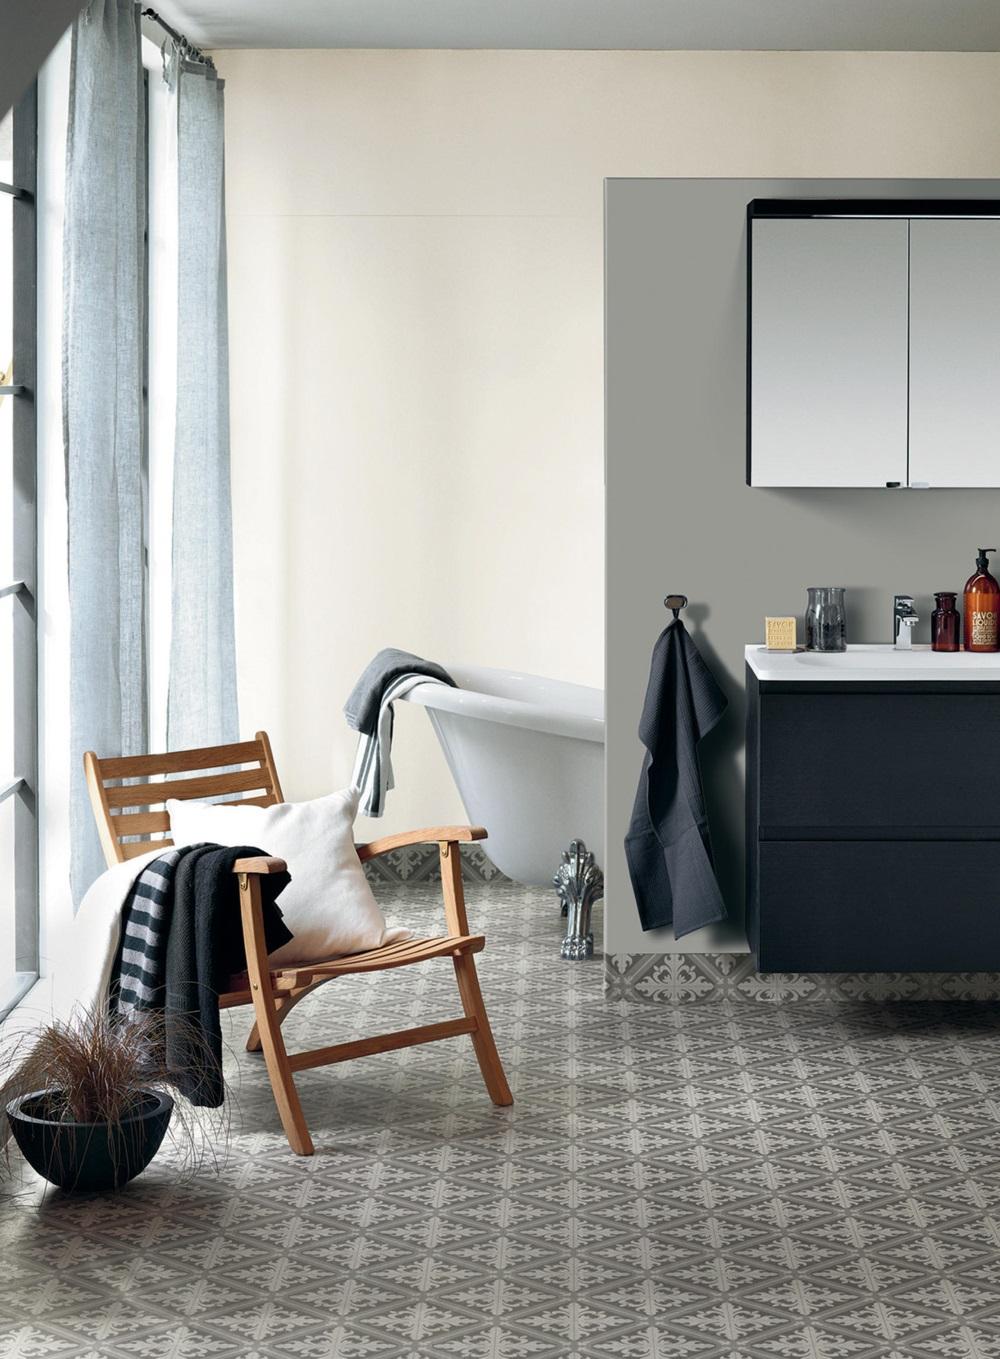 Baie cu mobilier gri închis și sistem pentru spații umede, cu pardoseală cu model